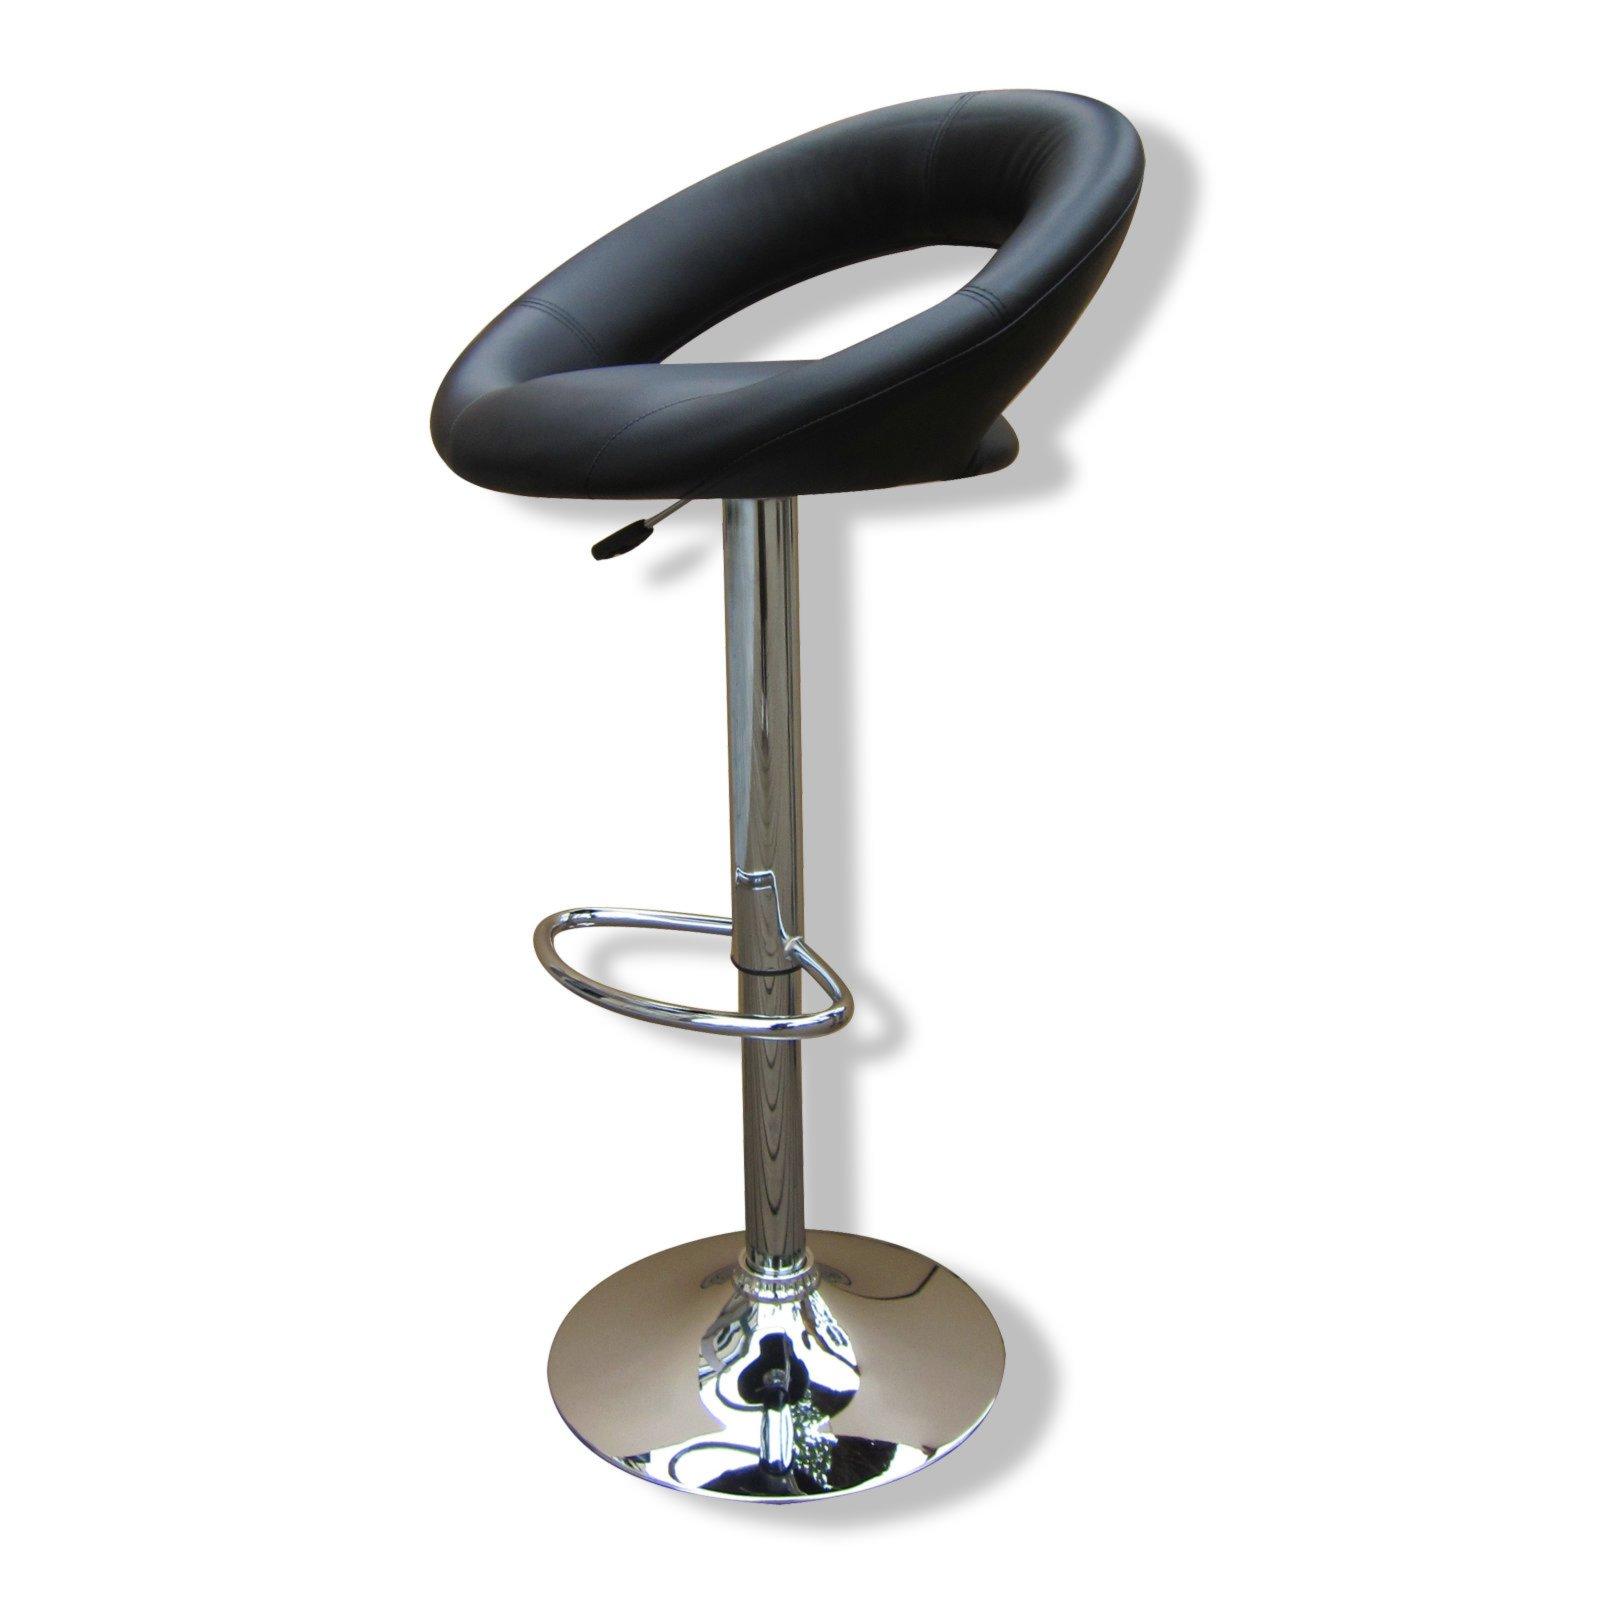 barhocker plump kunstleder schwarz chrom barhocker. Black Bedroom Furniture Sets. Home Design Ideas